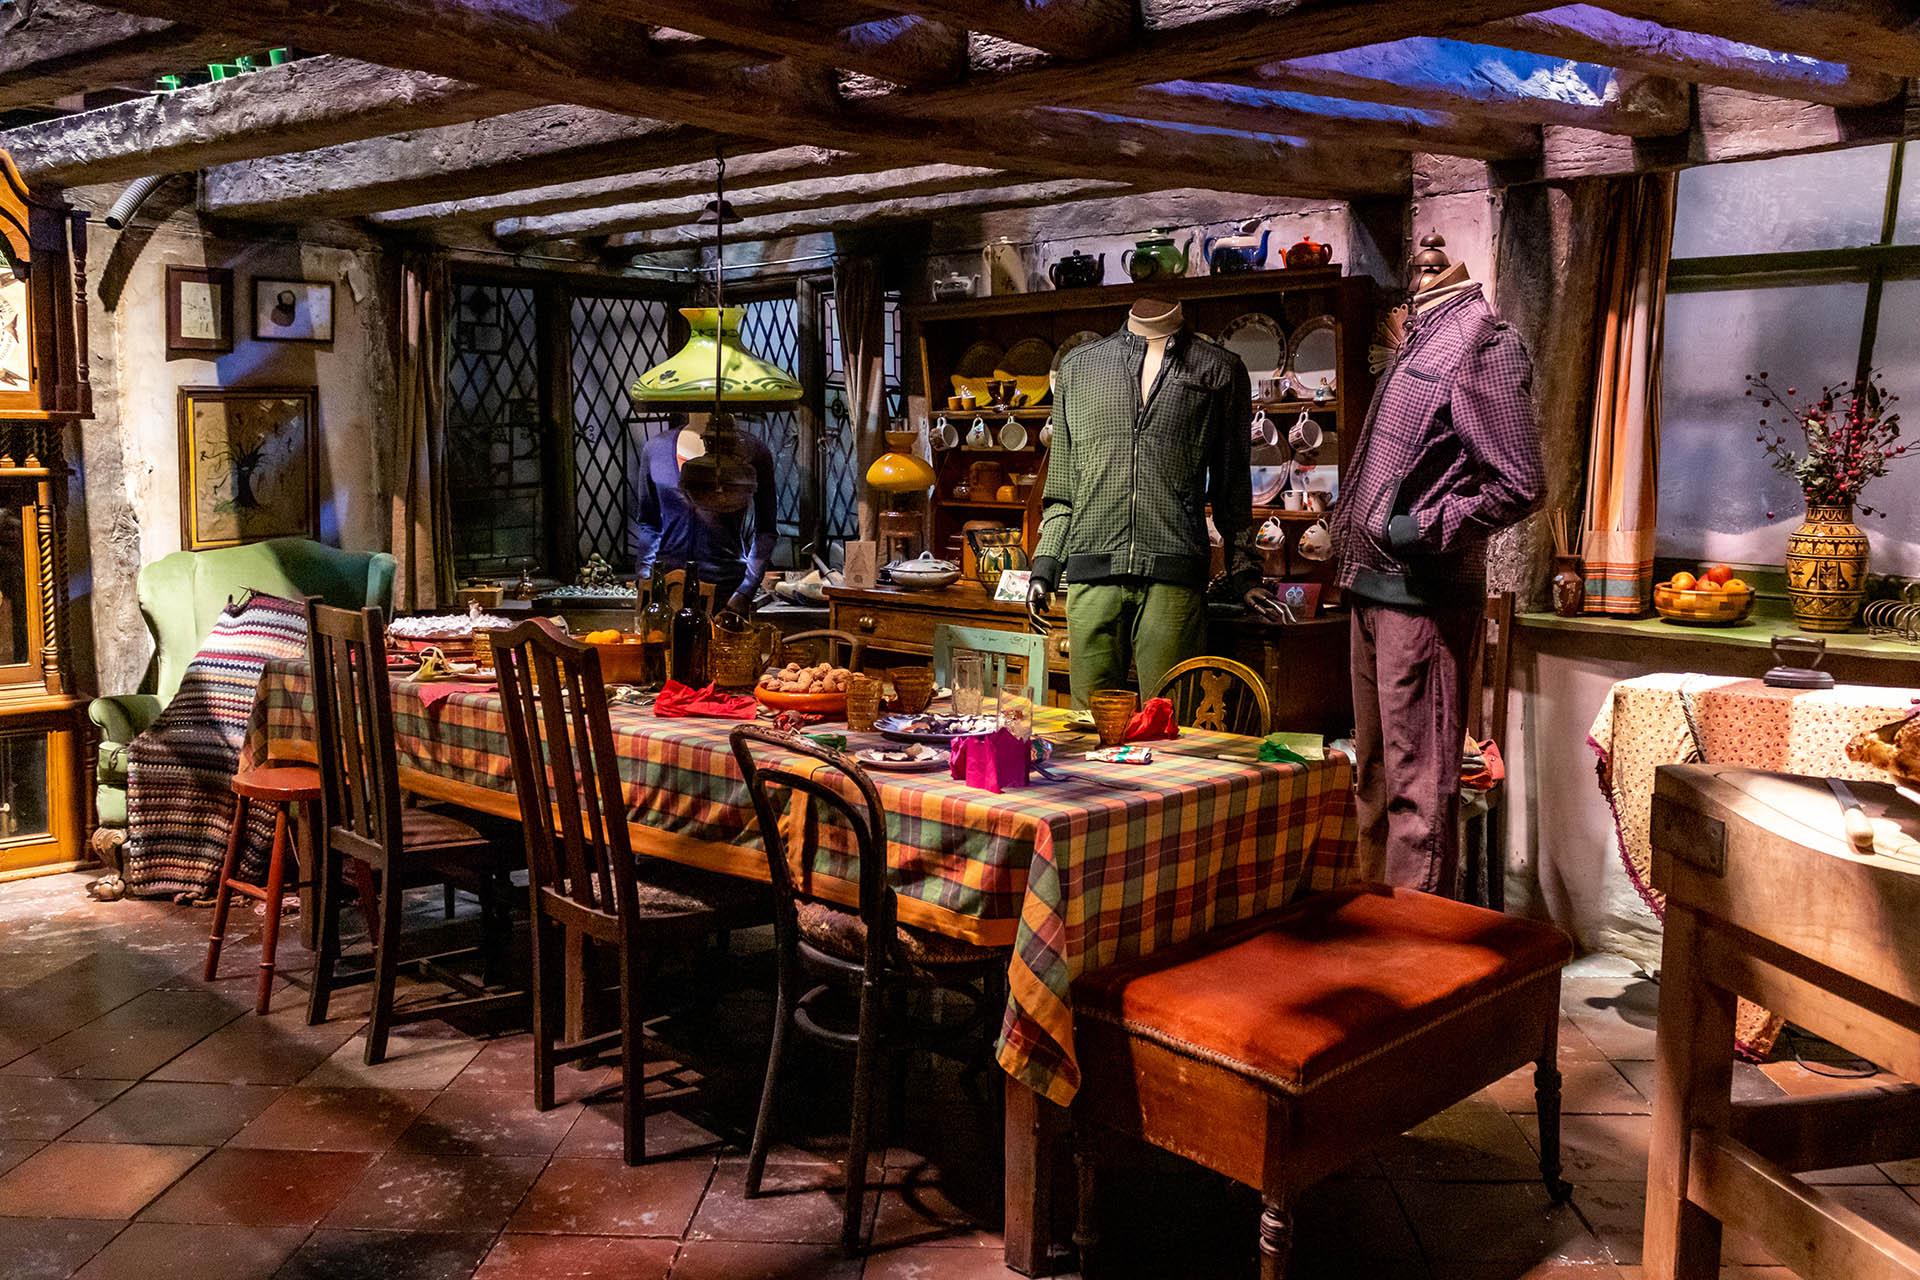 The Burrow of Het Nest: de woonkamer en keuken van de familie Weasley in de Harry Potter films